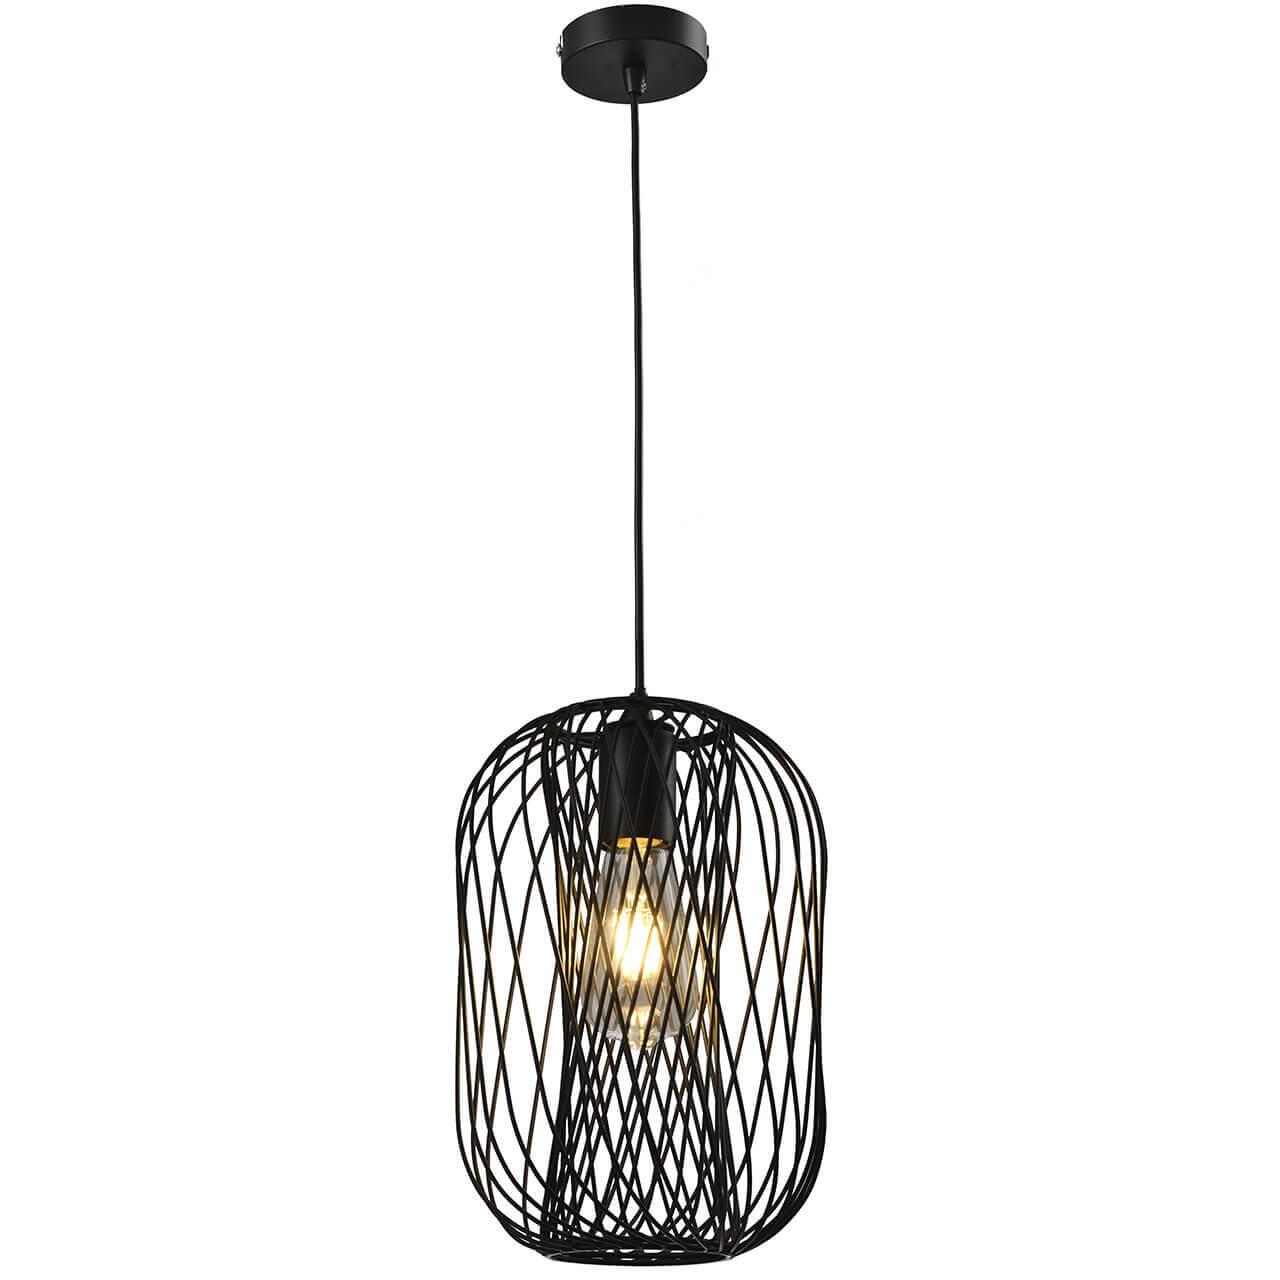 Светильник подвесной Toplight Debra TL1189H-01BK светильник подвесной toplight laurel tl1201h 01bk